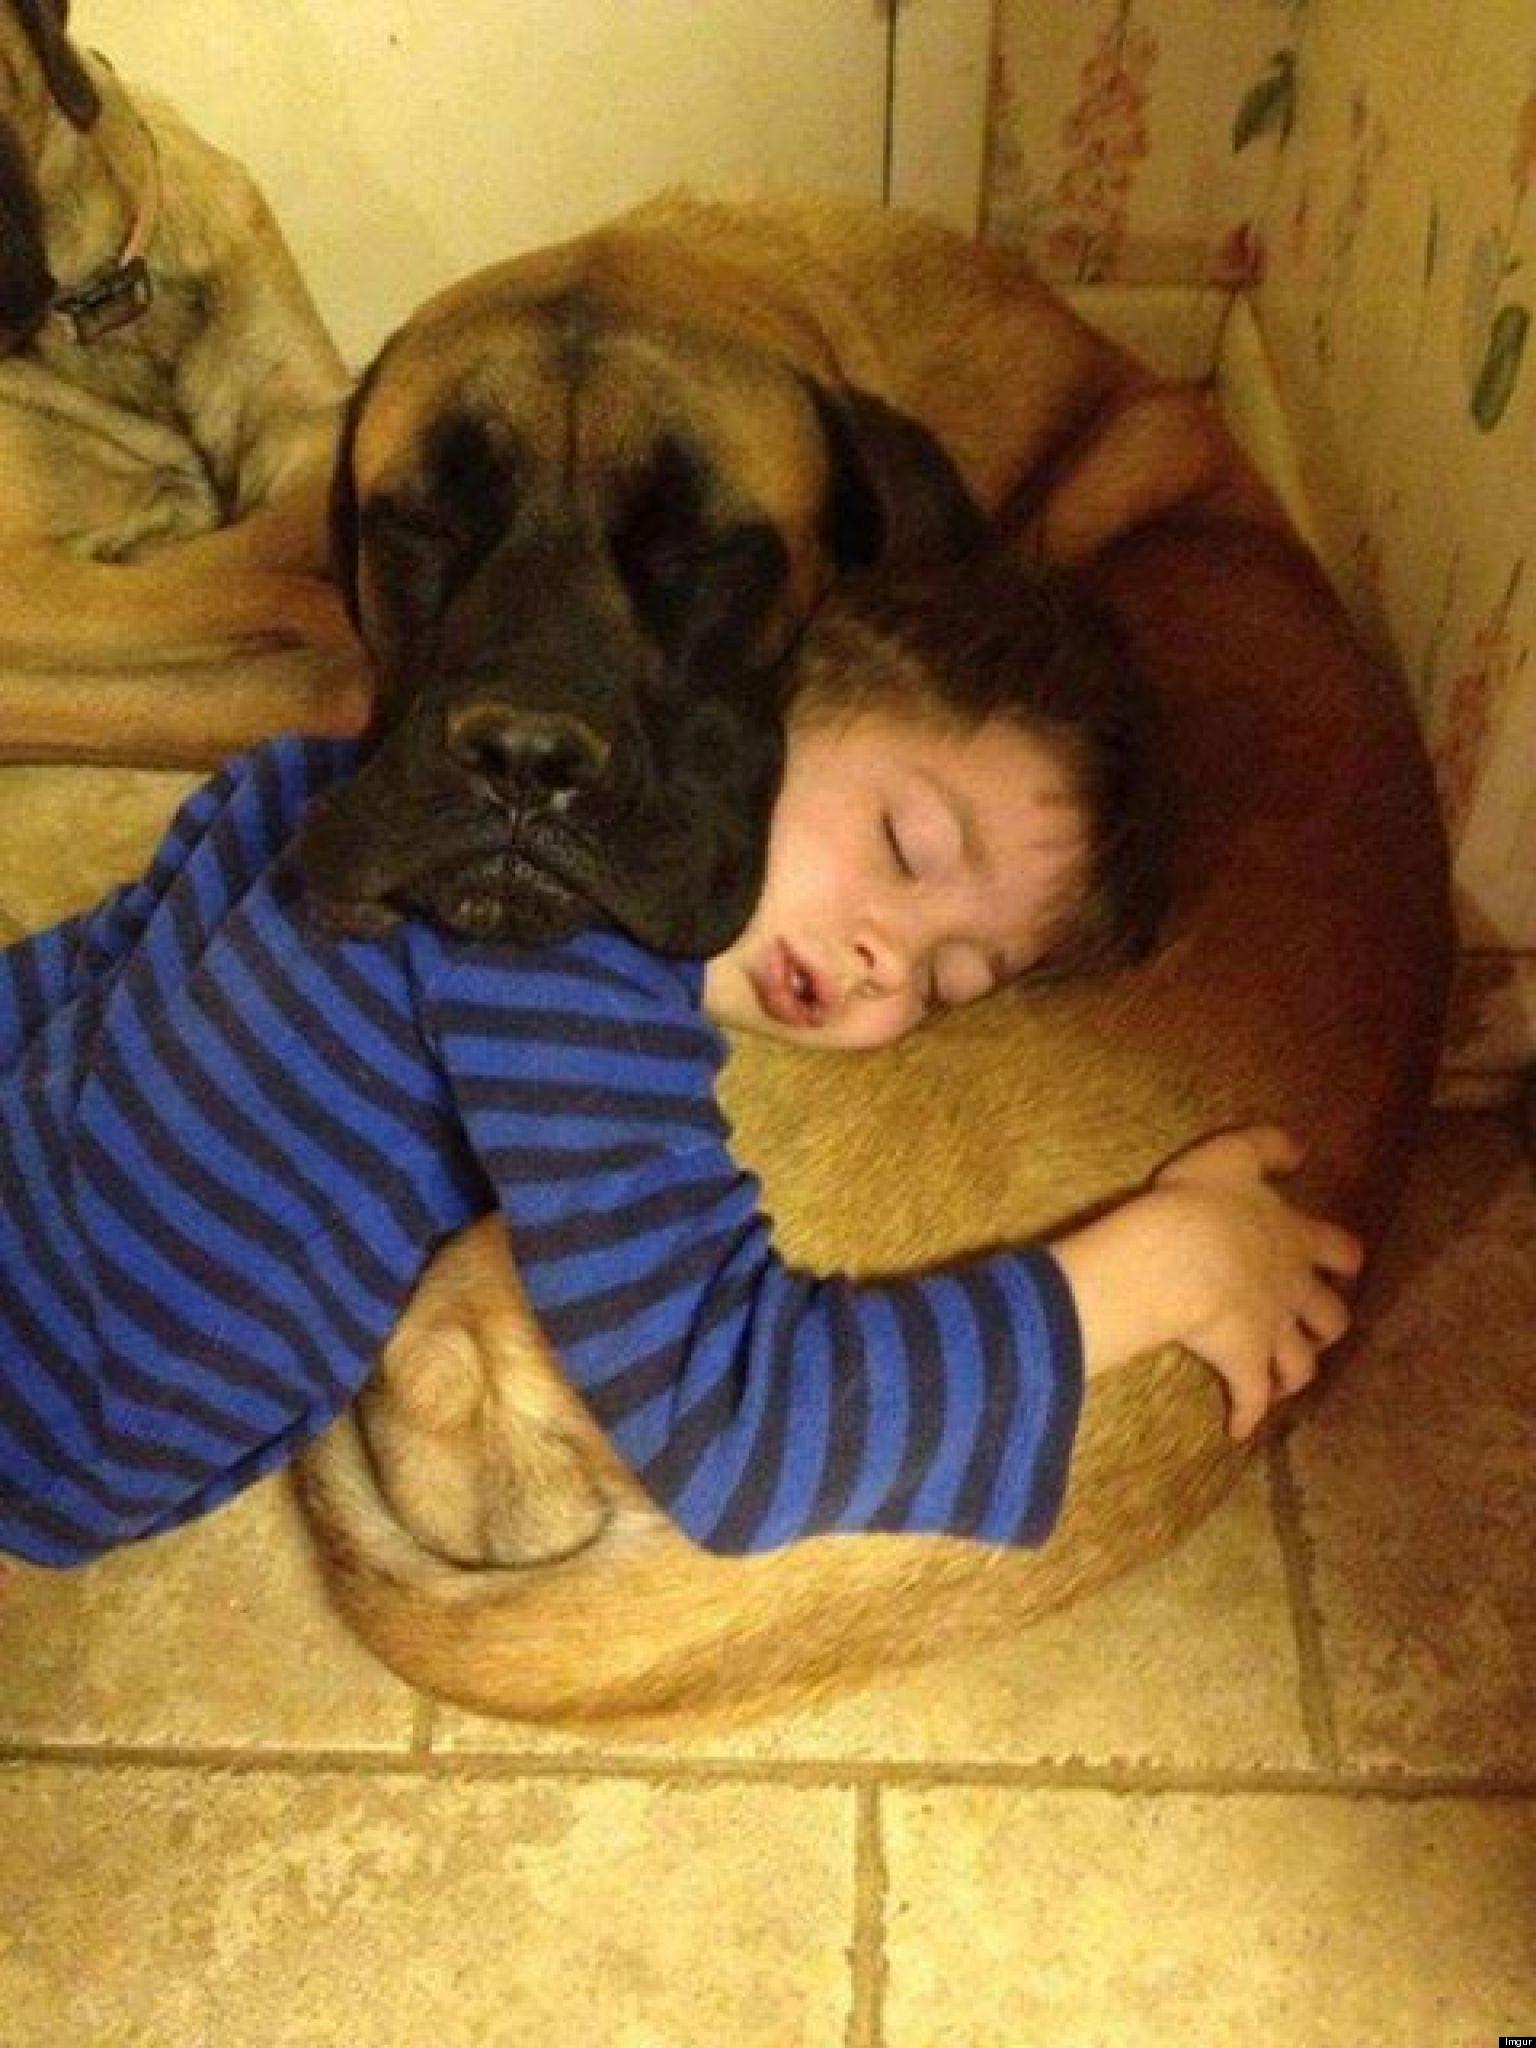 kids-sleep-with-dogs (11)